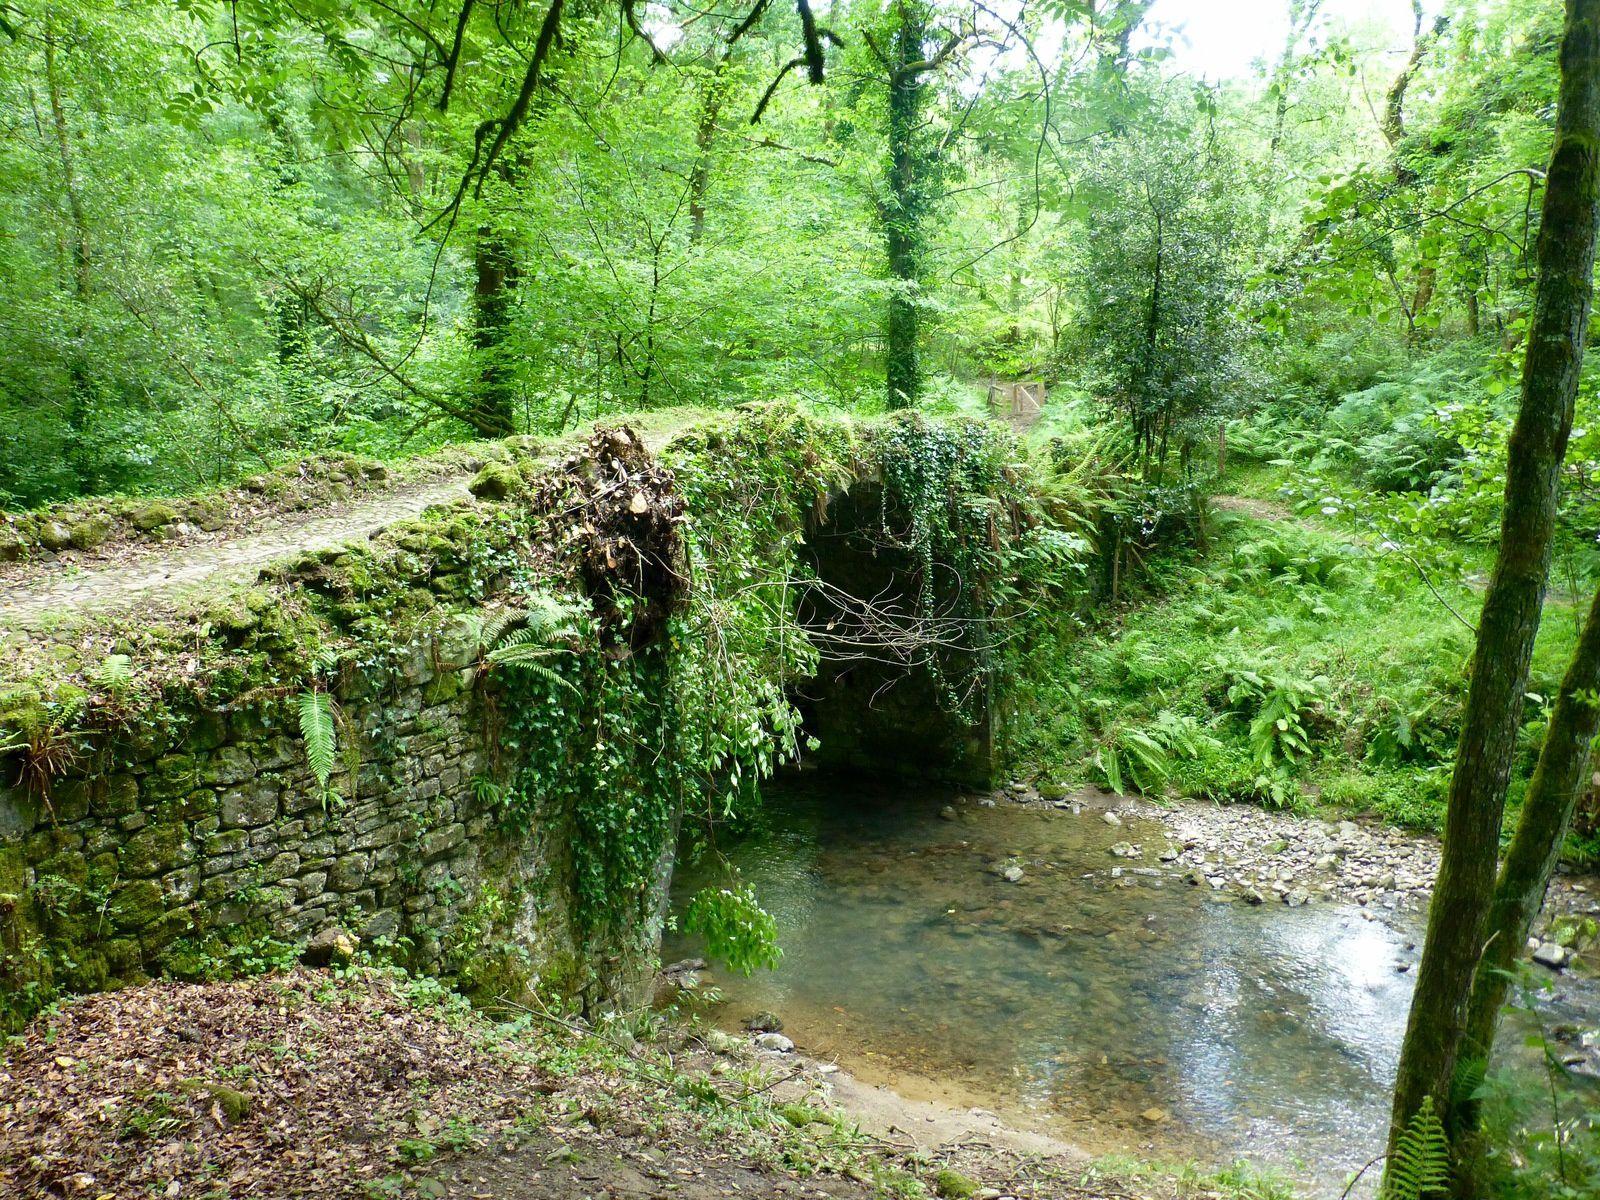 Une bien belle journée qui nous a laissé le temps de regarder la nature...et un vieux pont du XVI siècle.